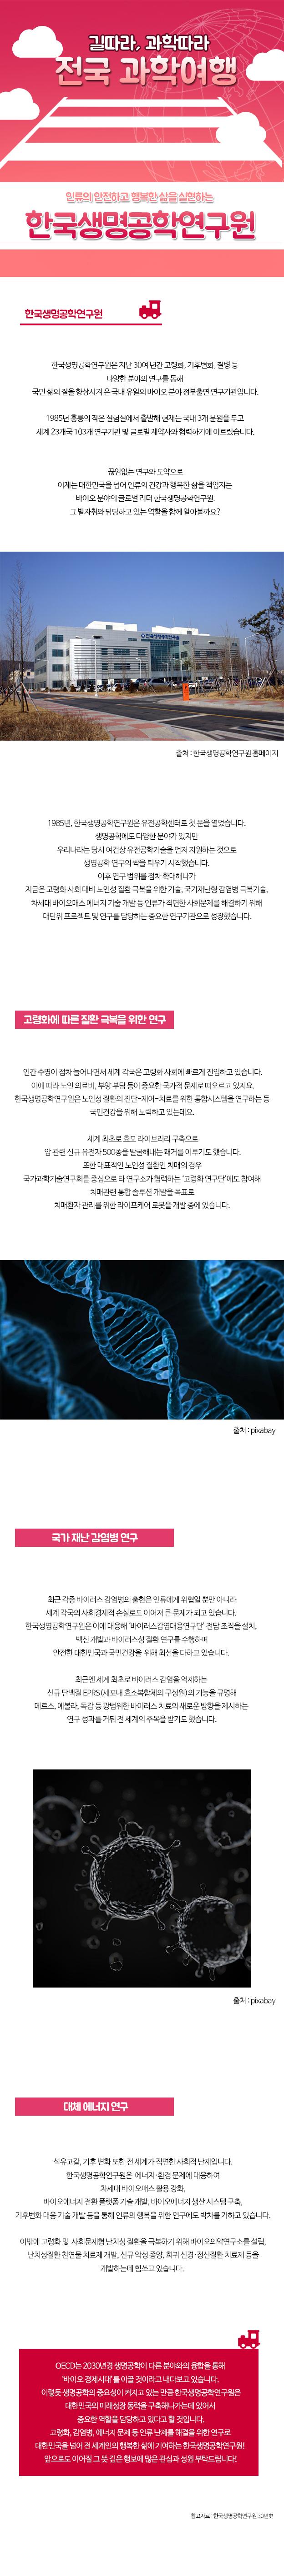 [커뮤니케이션웍스]_전국과학여행_한국생명공학연구원